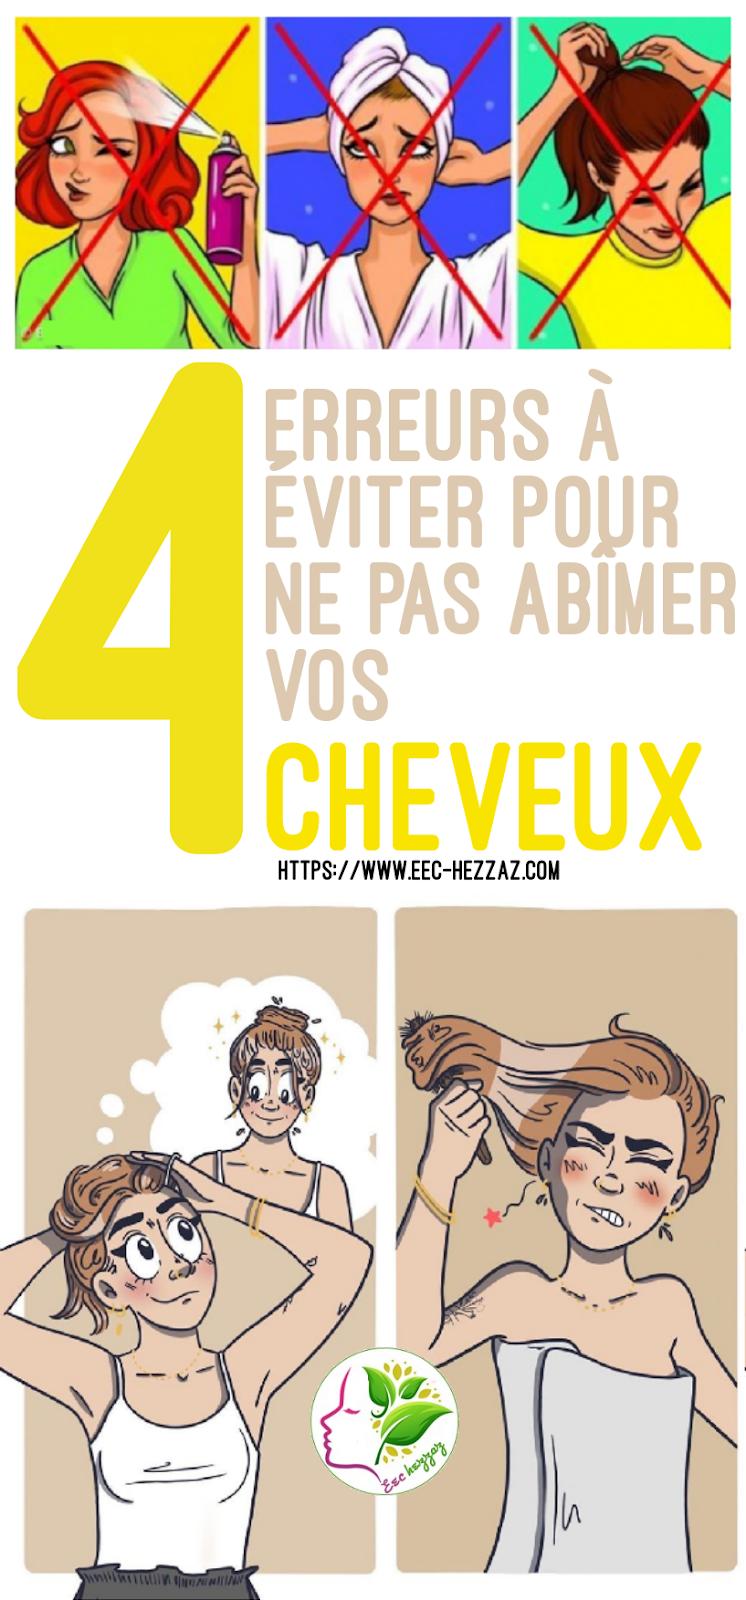 4 erreurs à éviter pour ne pas abîmer vos cheveux